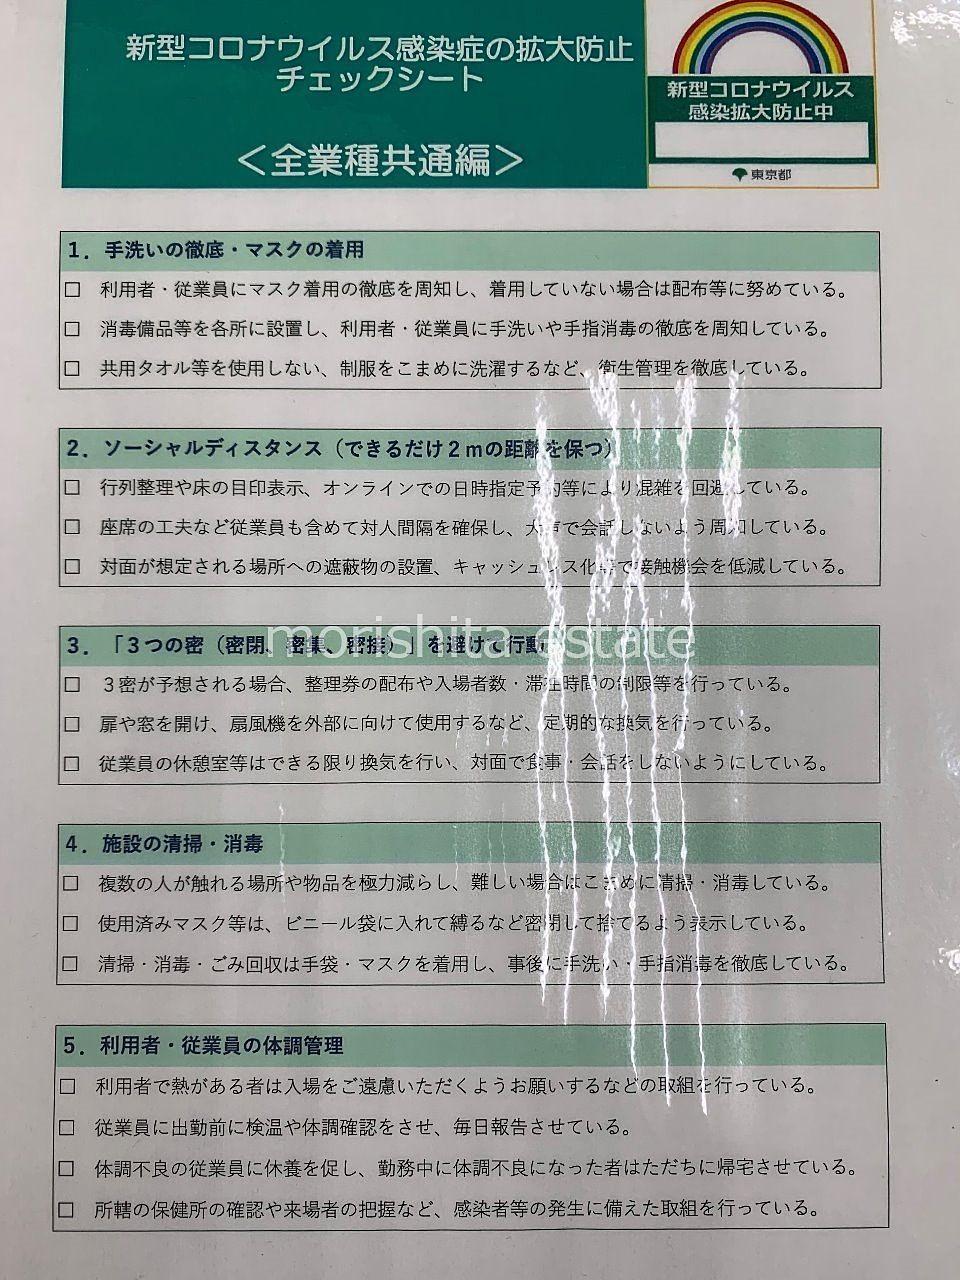 東京都 新型コロナウイルス 感染拡大防止 チェックシート 写真